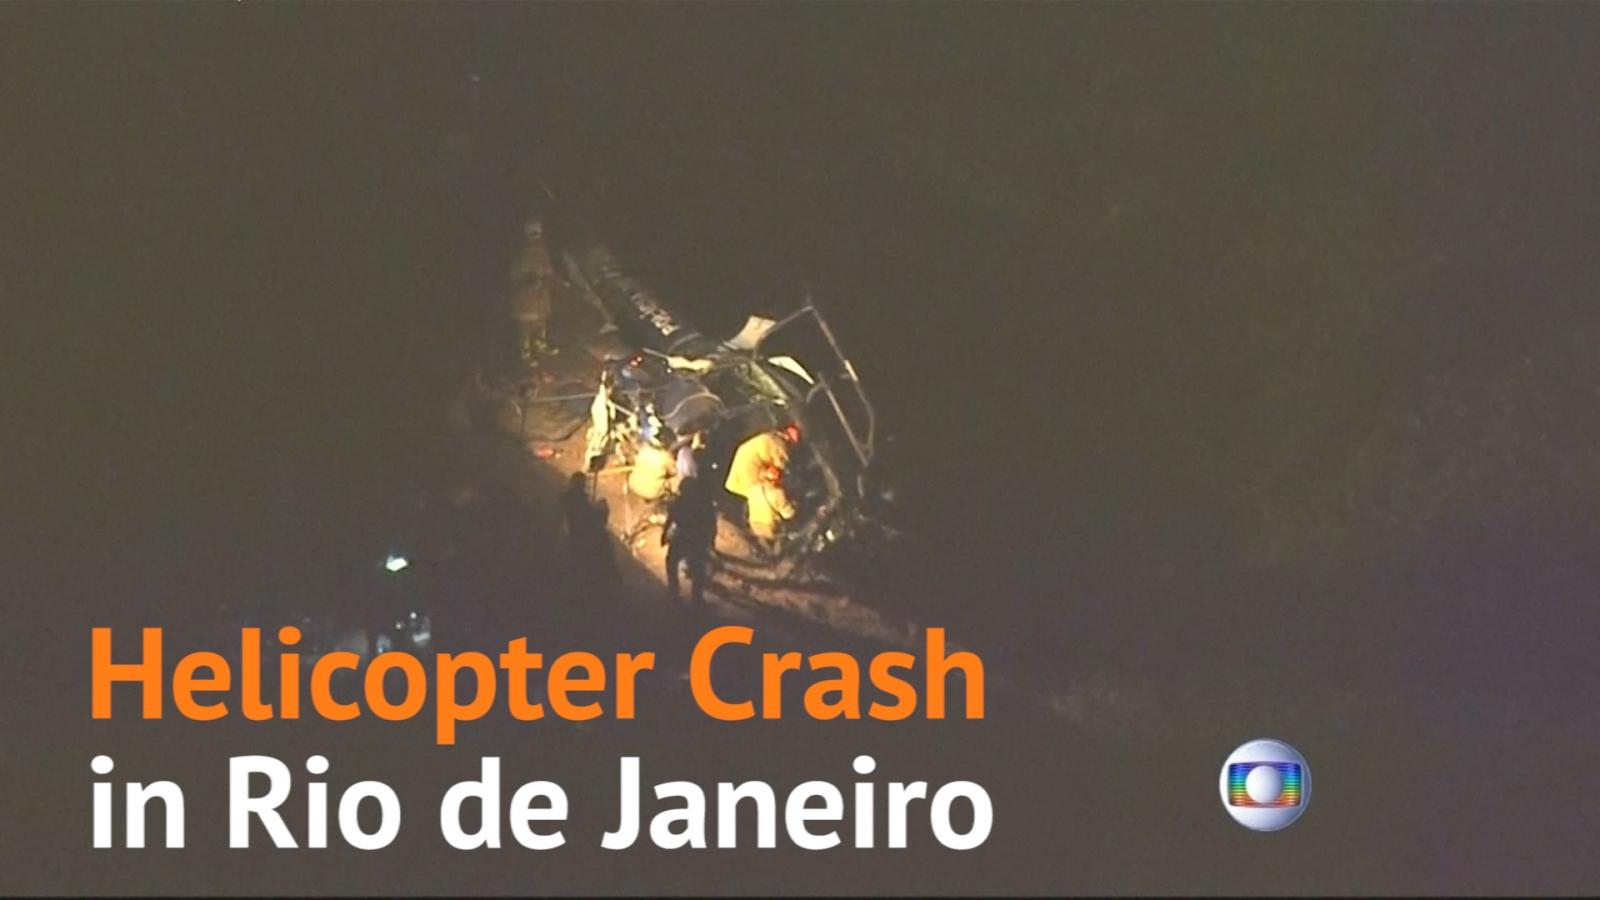 Helicopter crash in Rio de Janeiro